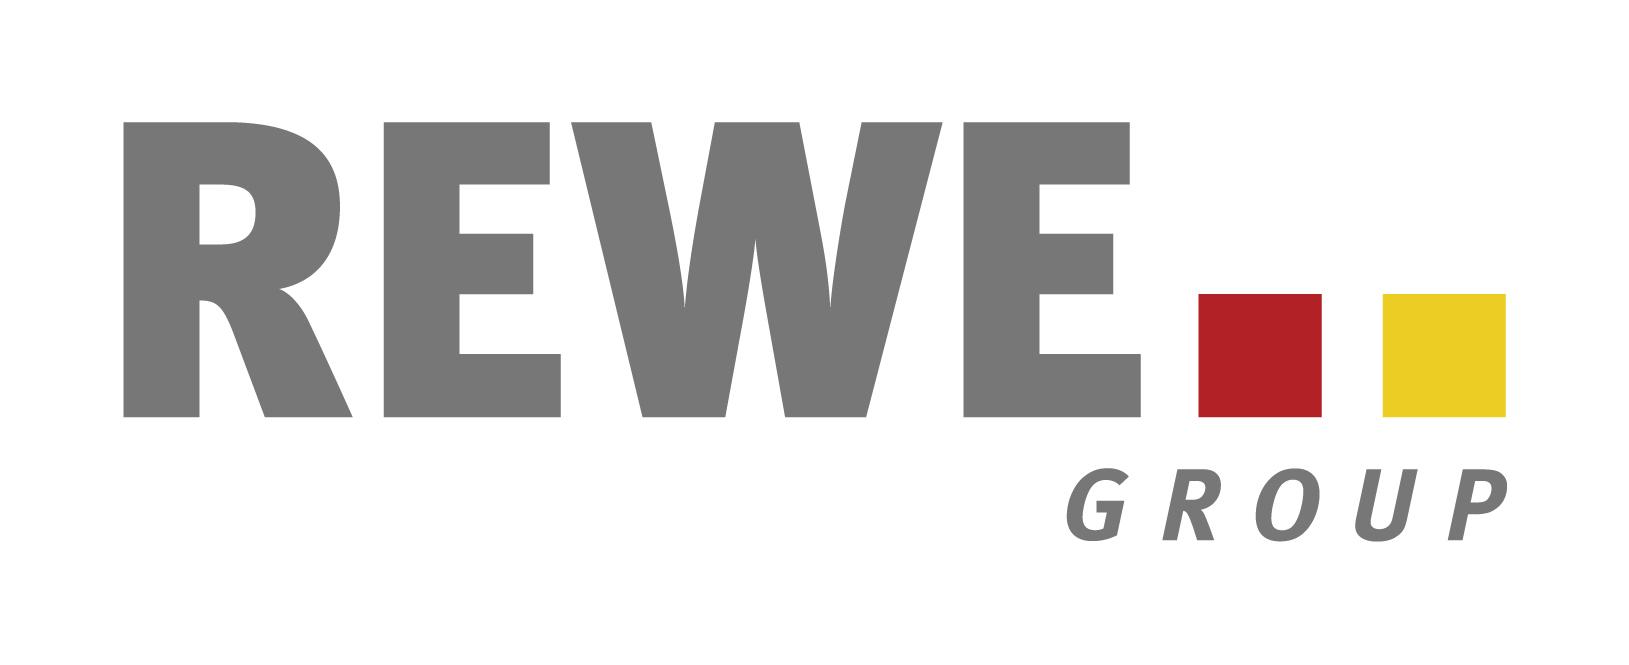 REWE Group_RGB.jpg